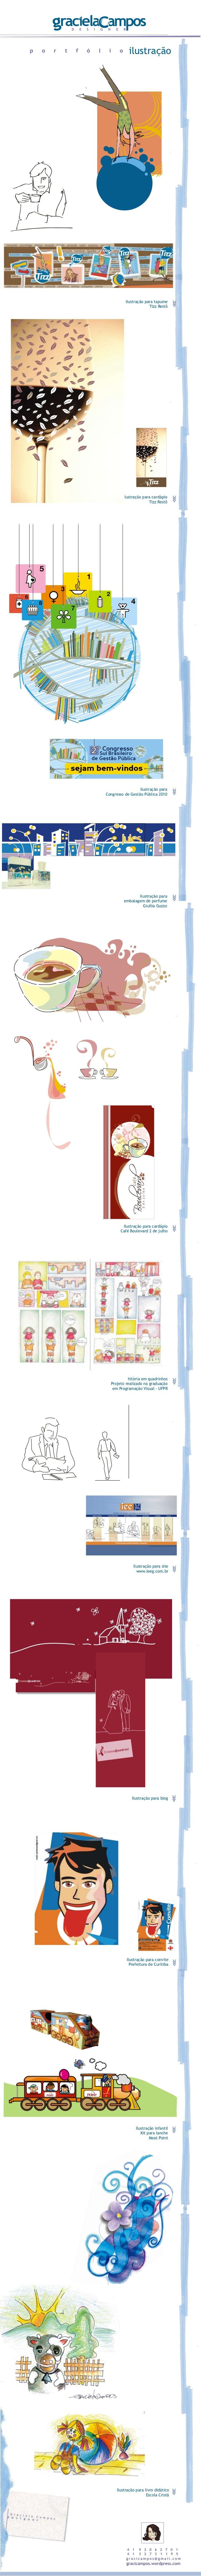 ilustração          ilustração para tapume                       Tizz Restô          lustração para cardápio              ...